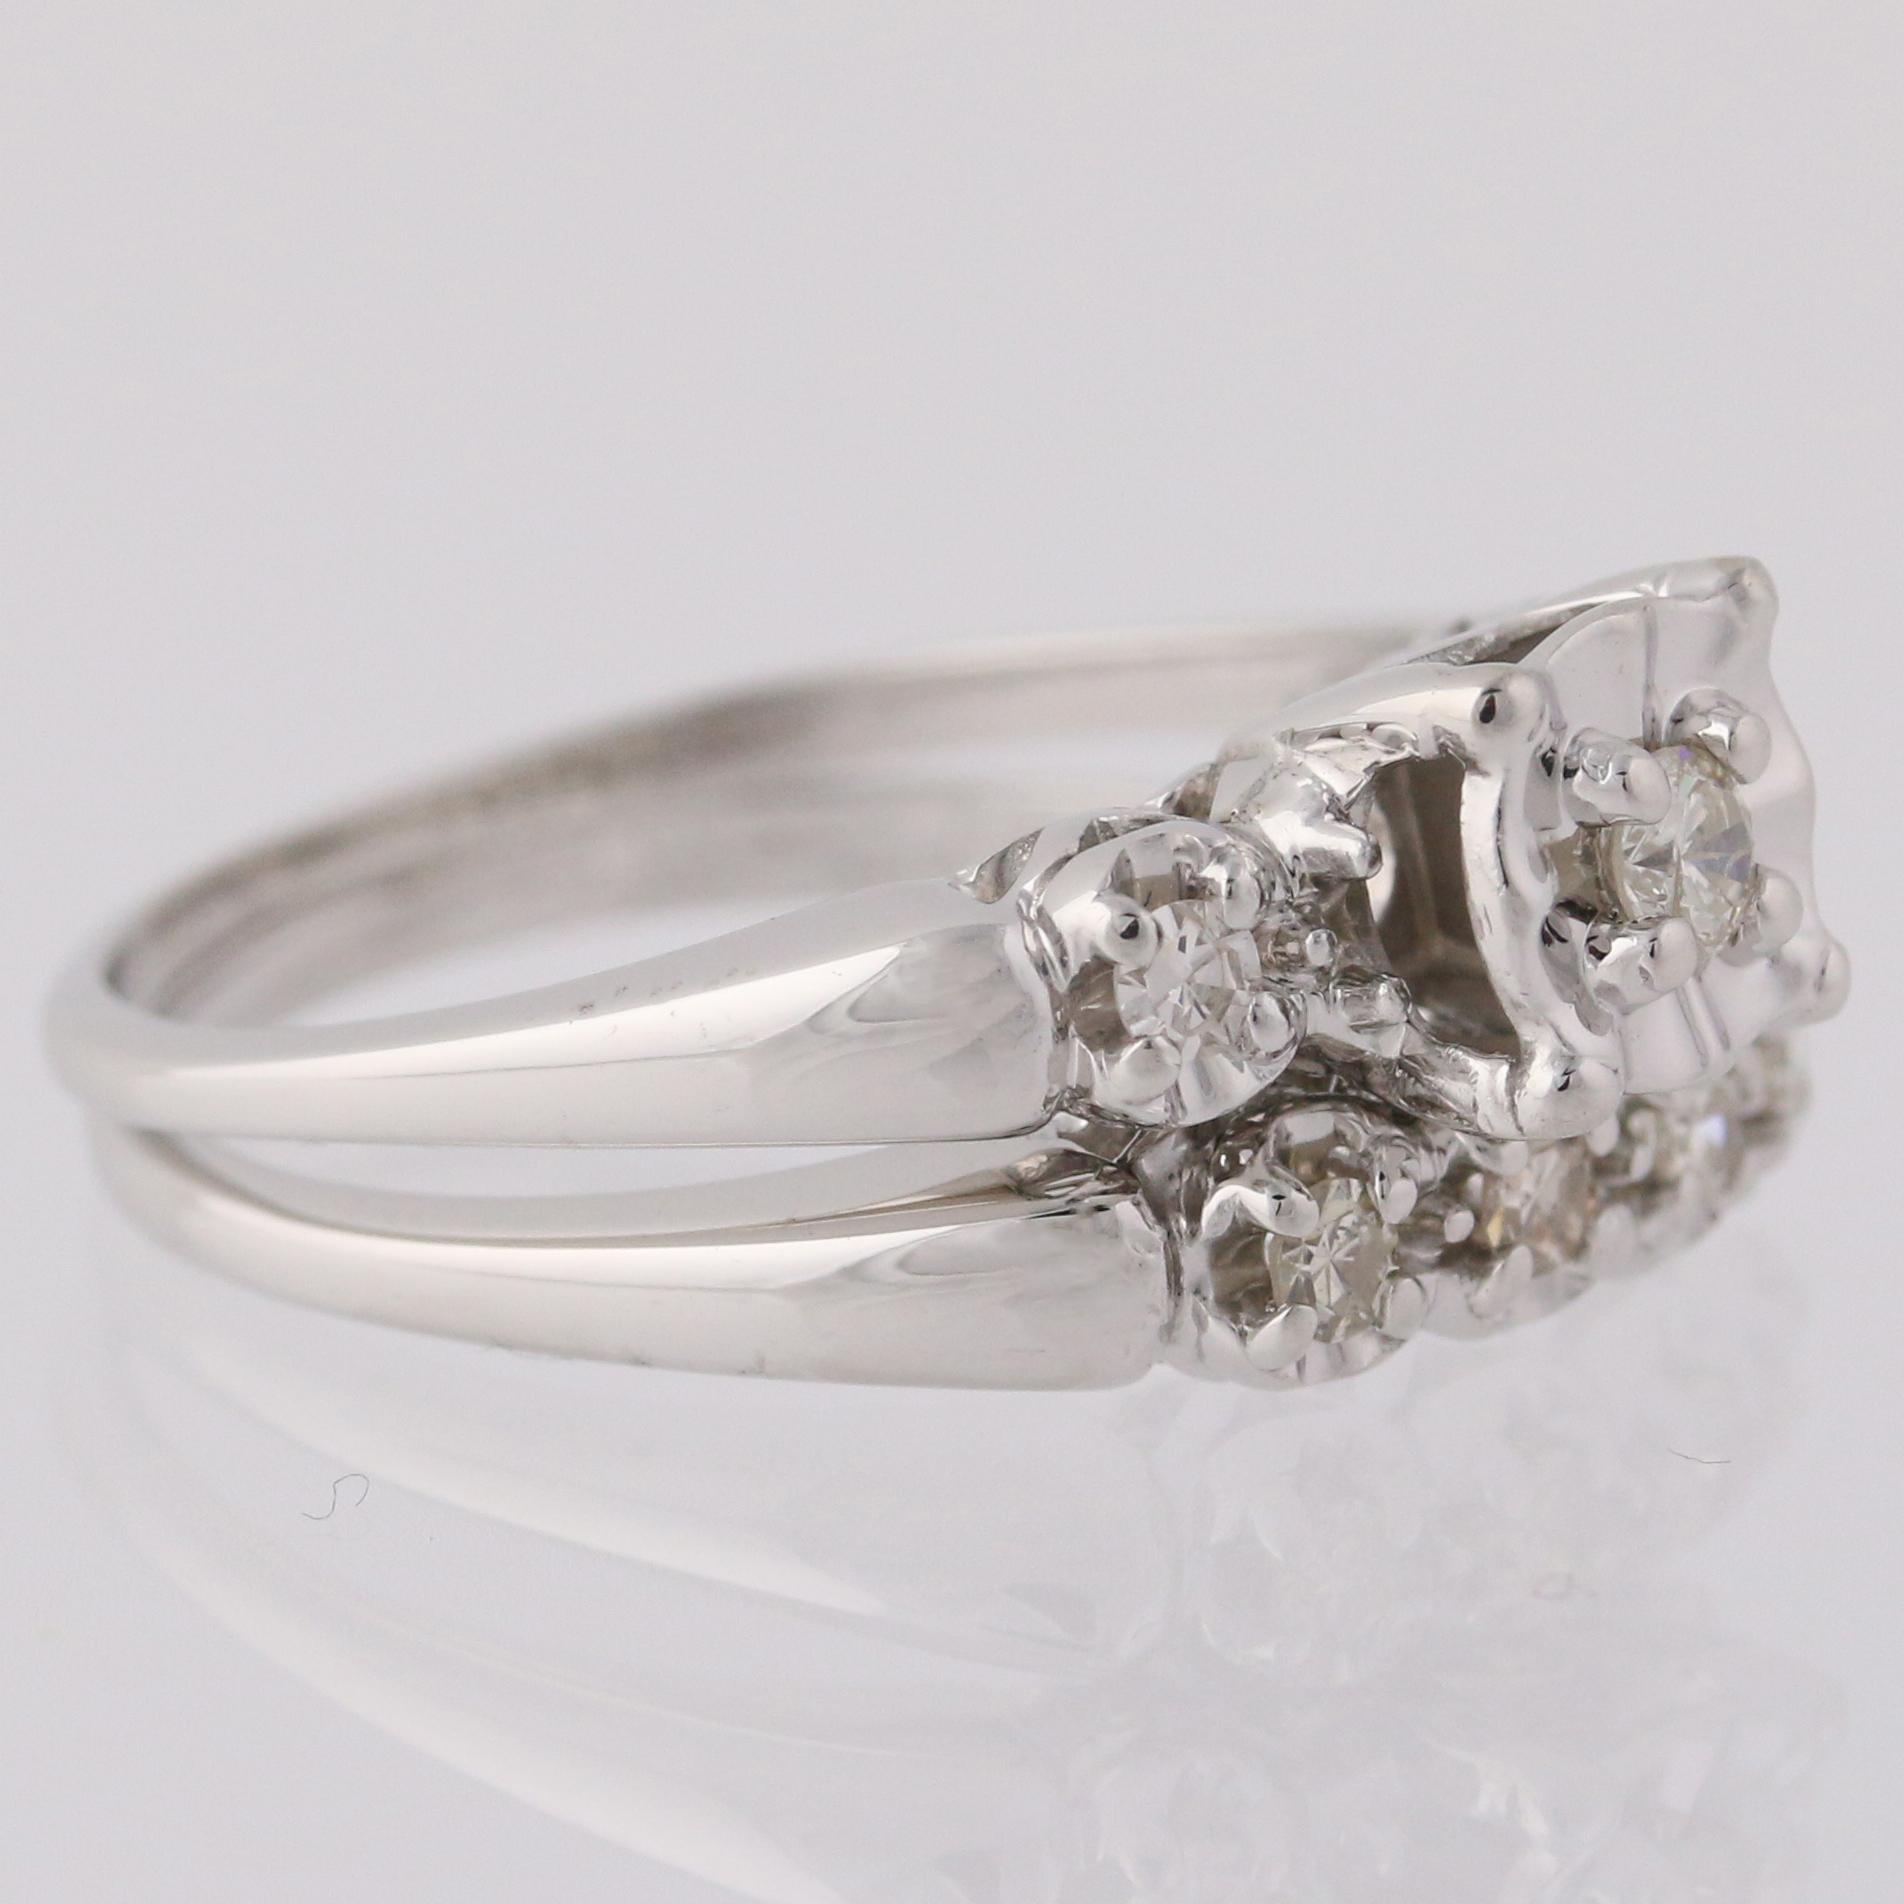 engagement ring wedding band set 14k white